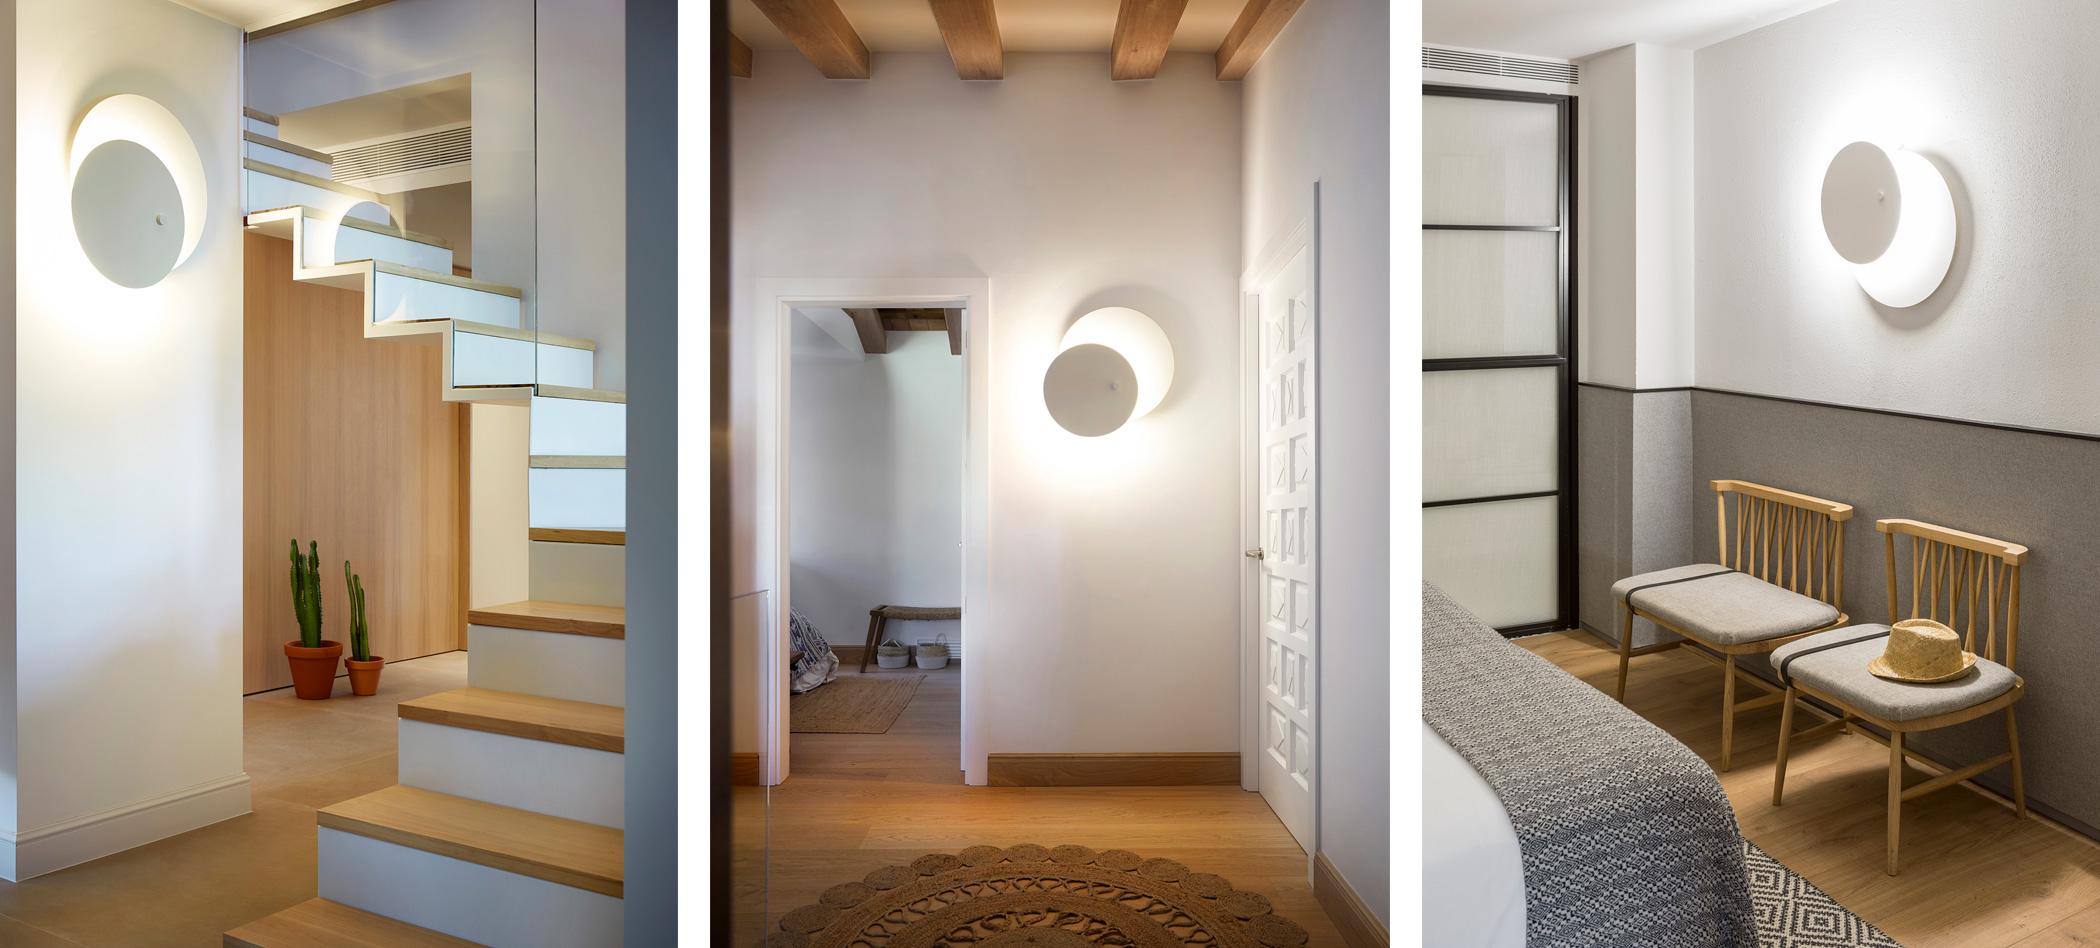 Estiluz Eclipsi A 3700 Wall Light Ambient